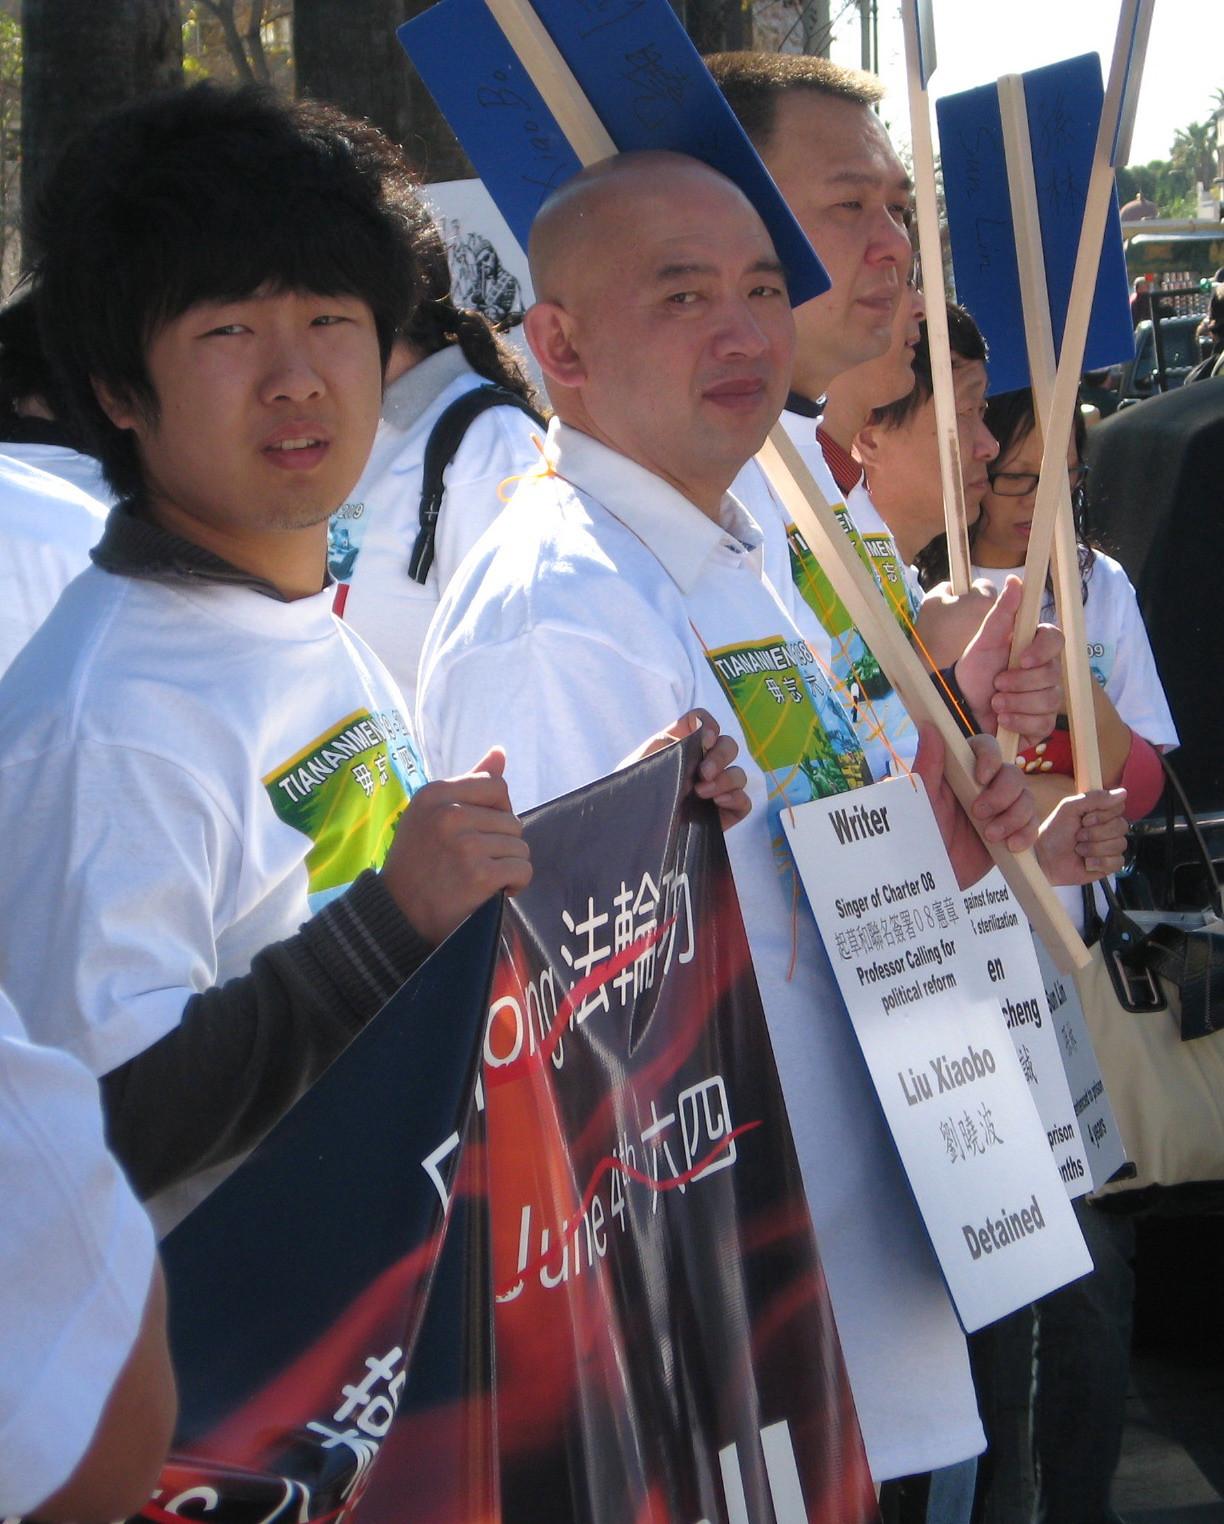 doo-dah-2009-china-banner-2